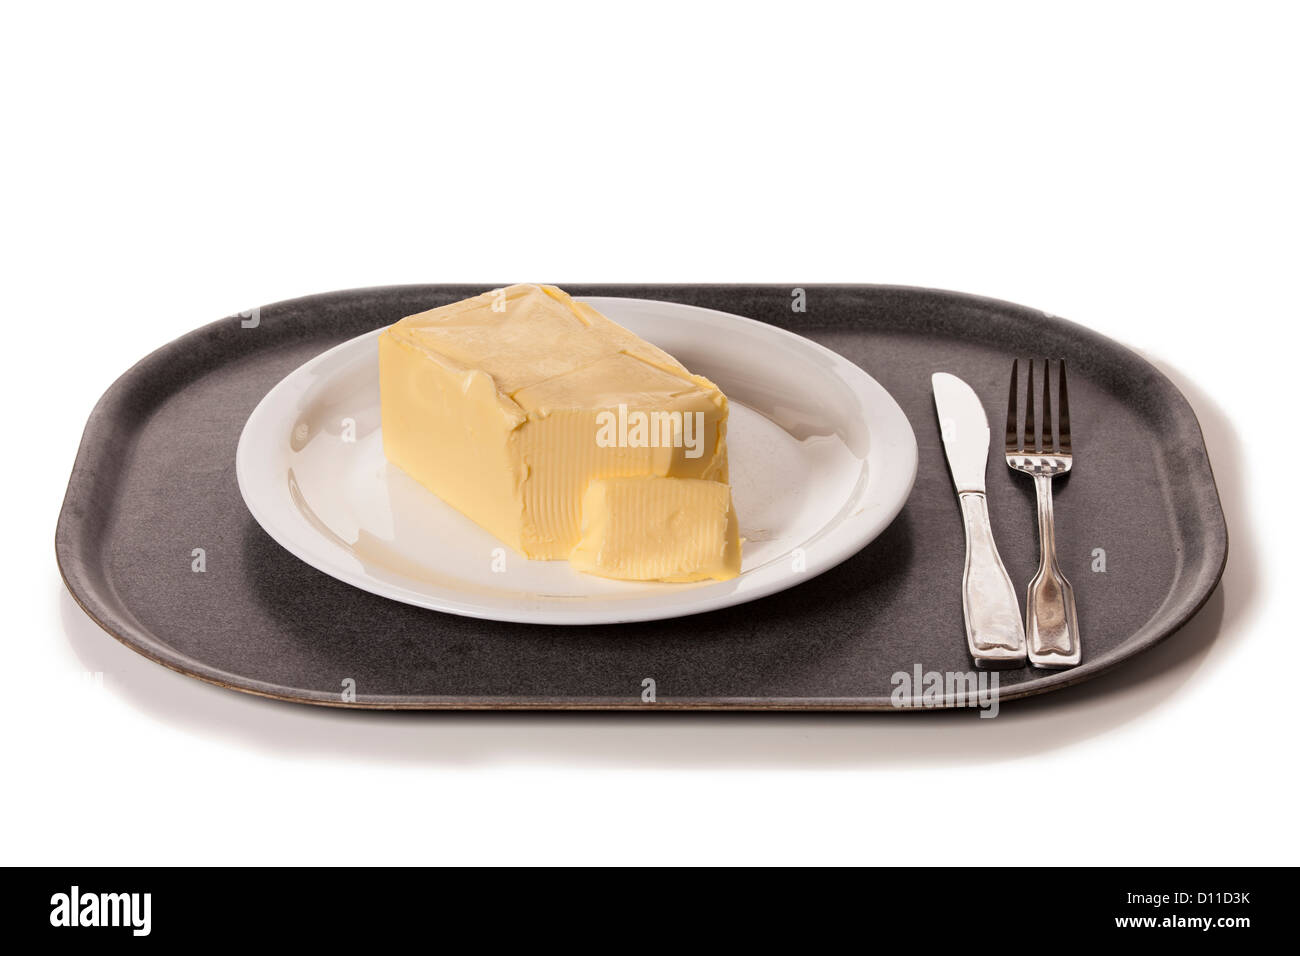 Bloc de beurre sur une assiette, le temps de manger un dîner malsaine. Photo Stock